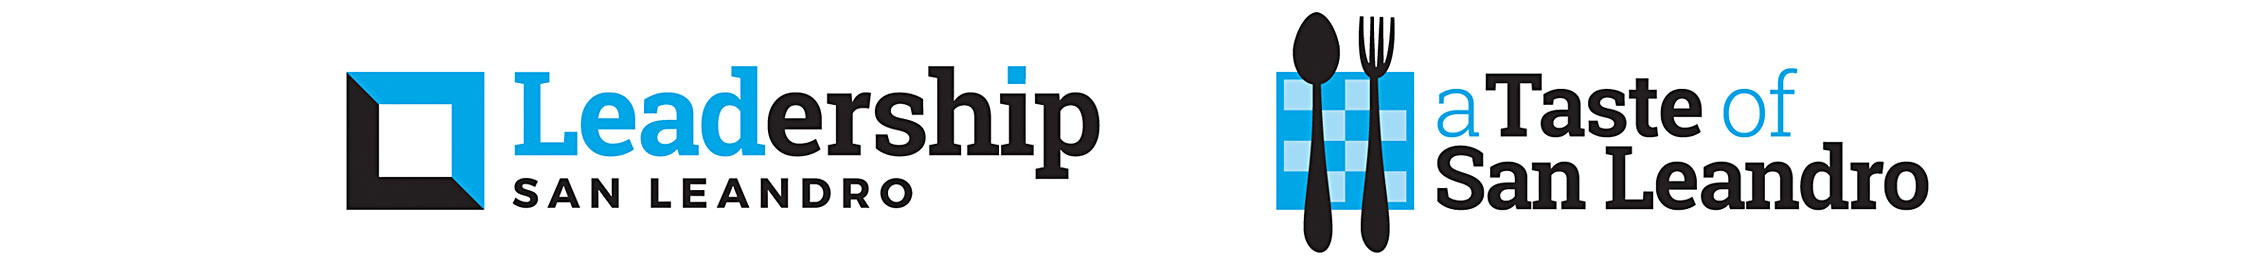 Brandora_Collective_Leadership-San-Leandro_Logo-Design-4